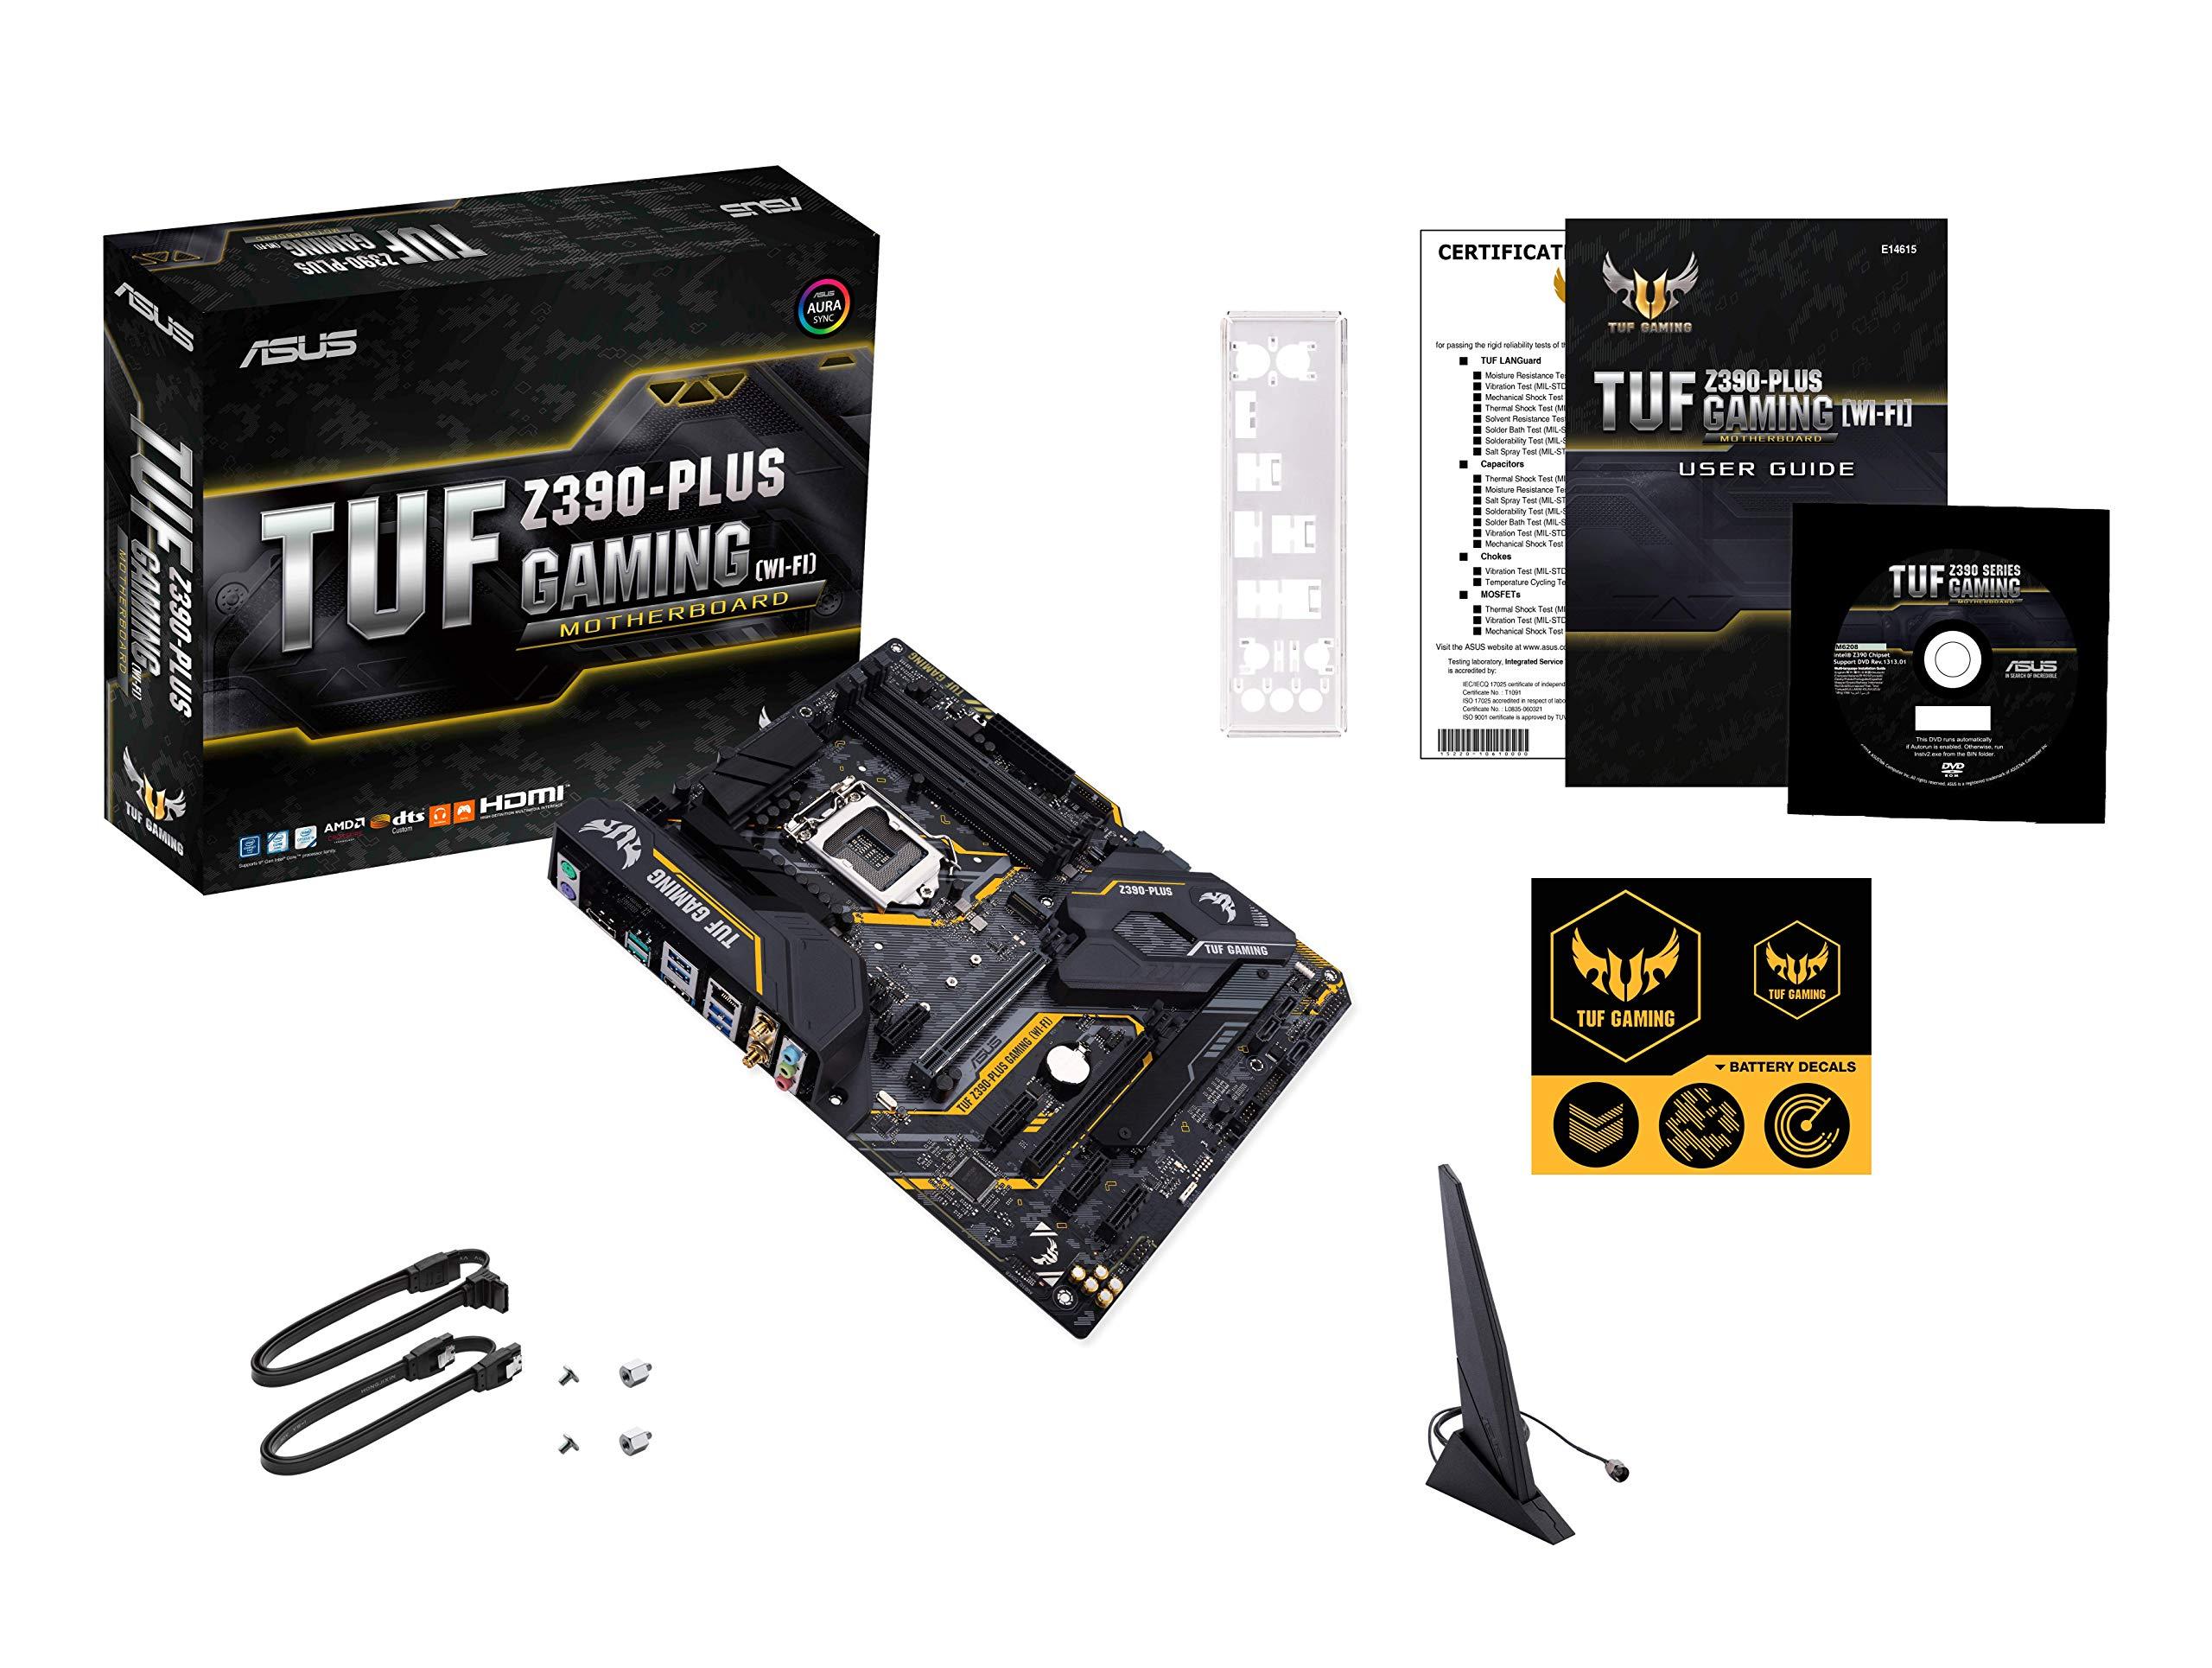 ASUS TUF Z390-PLUS GAMING (Wi-Fi) - Placa base Gaming ATX Intel de 8a y 9a gen. LGA1151 con OptiMem II, iluminación Aura RGB, DDR4 4266+ MHz, M.2 a 32 Gbps, Wi-Fi AC,